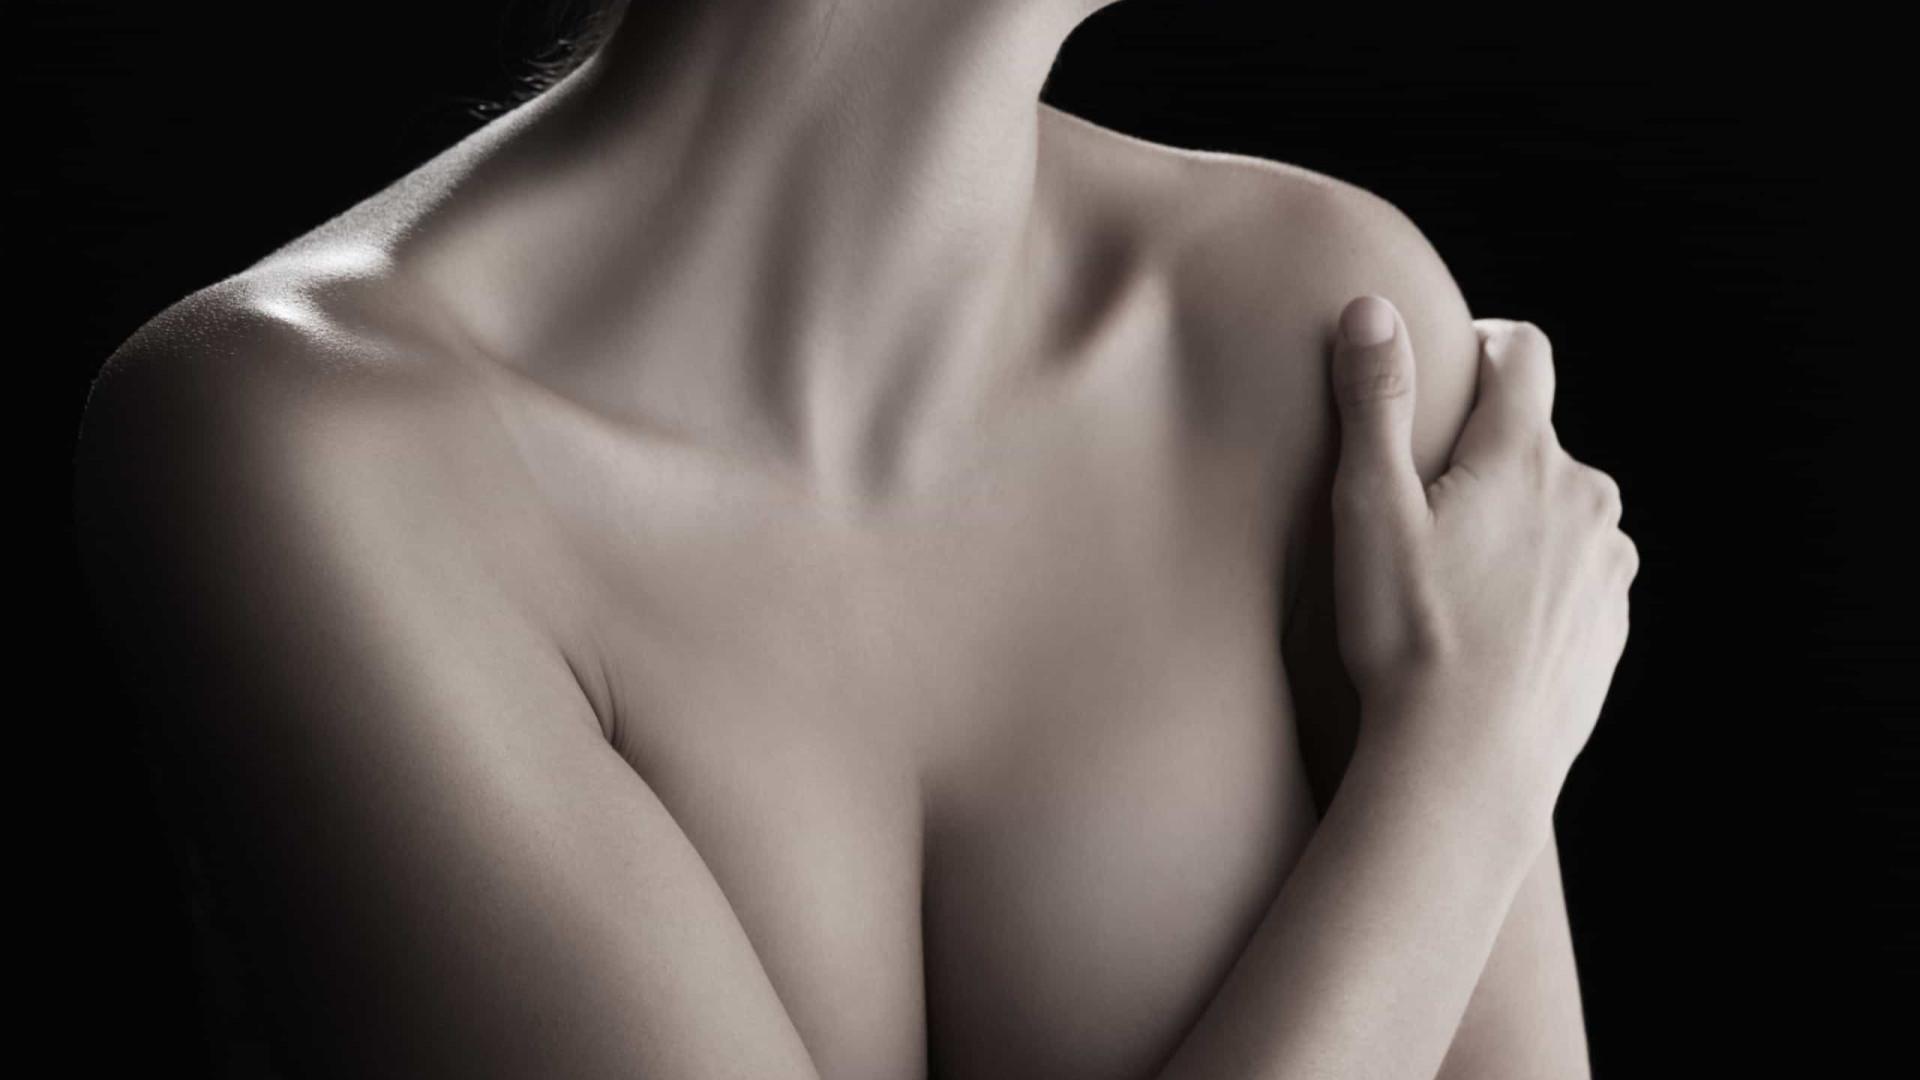 Hospital faz mutirão para implantar prótese mamária em mulheres no Rio